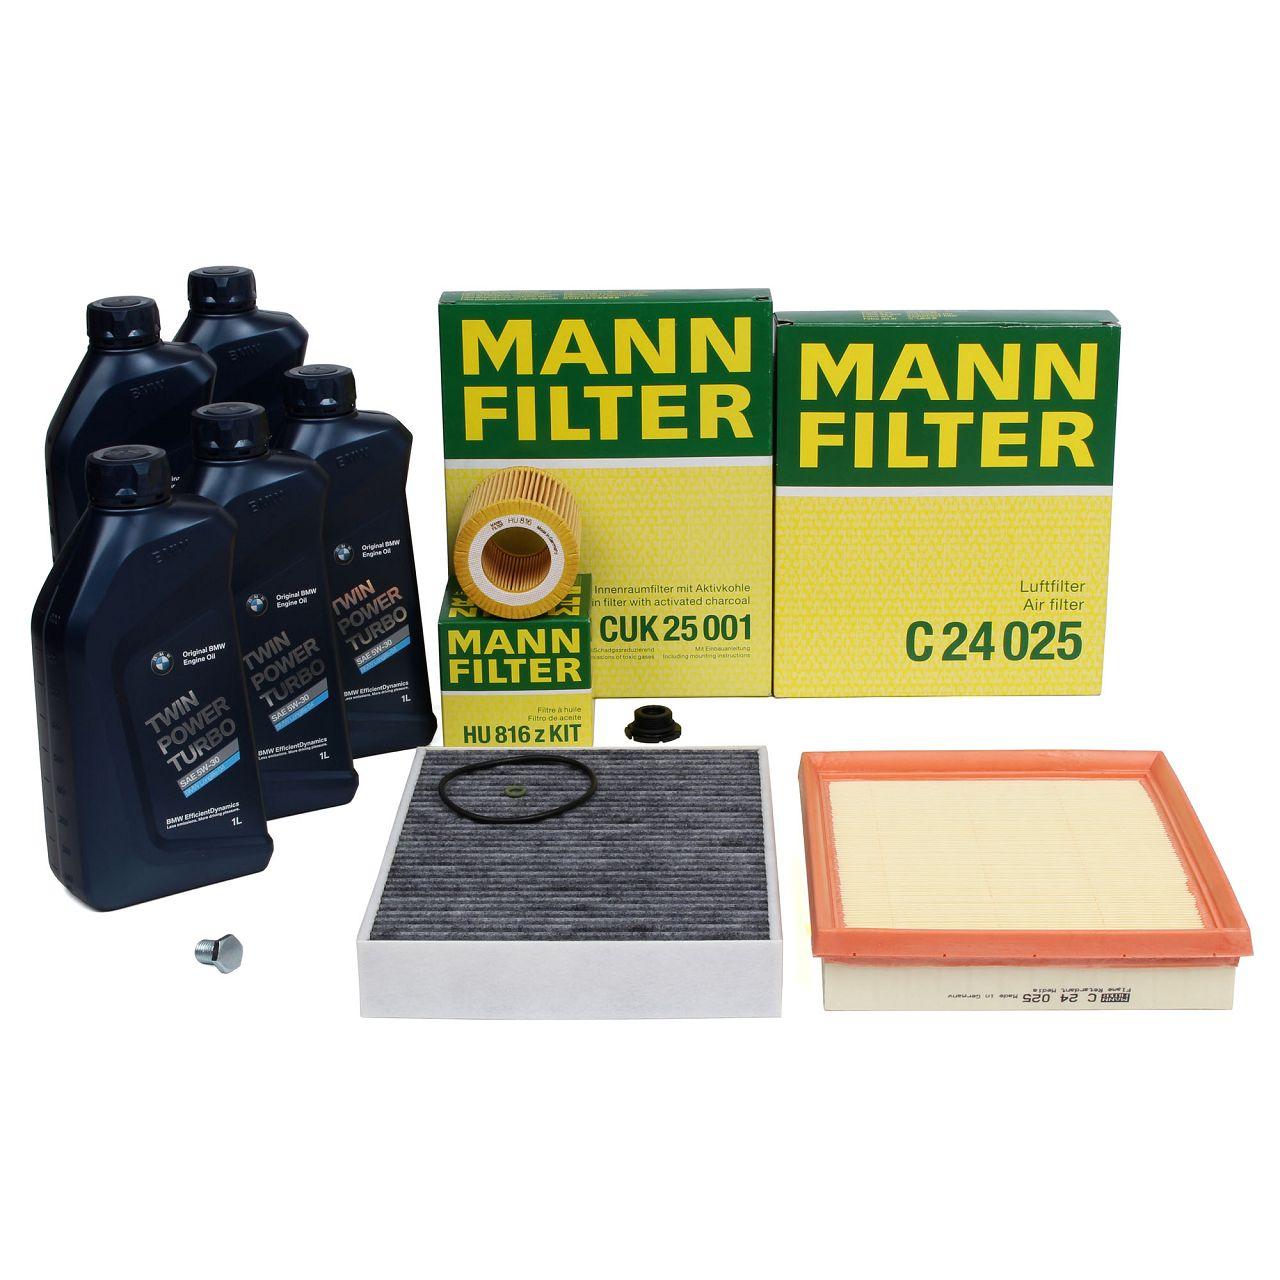 MANN Filterset + 5 L ORIGINAL BMW 5W30 Motoröl für 3er F30 F31 F34 320i 328i